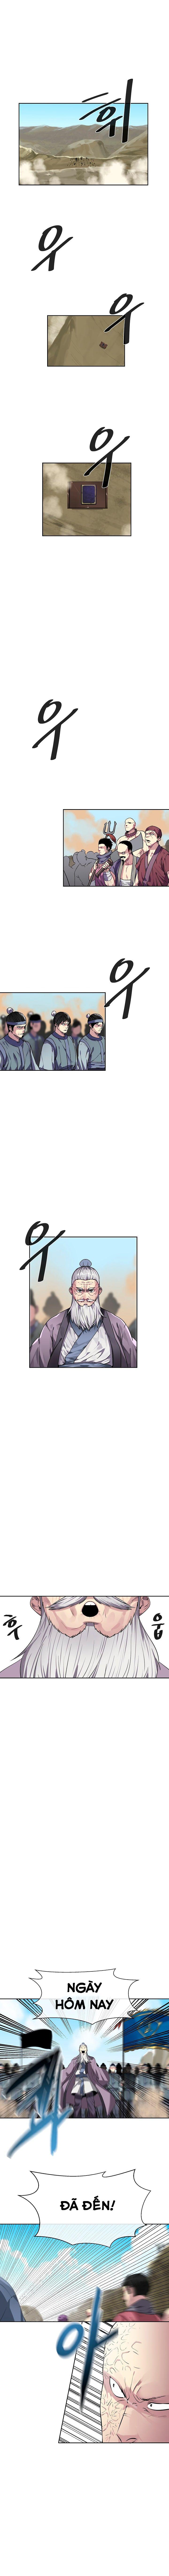 Volcanic Age - Huyết Chiến Hoa Sơn Chapter 75 - Trang 8